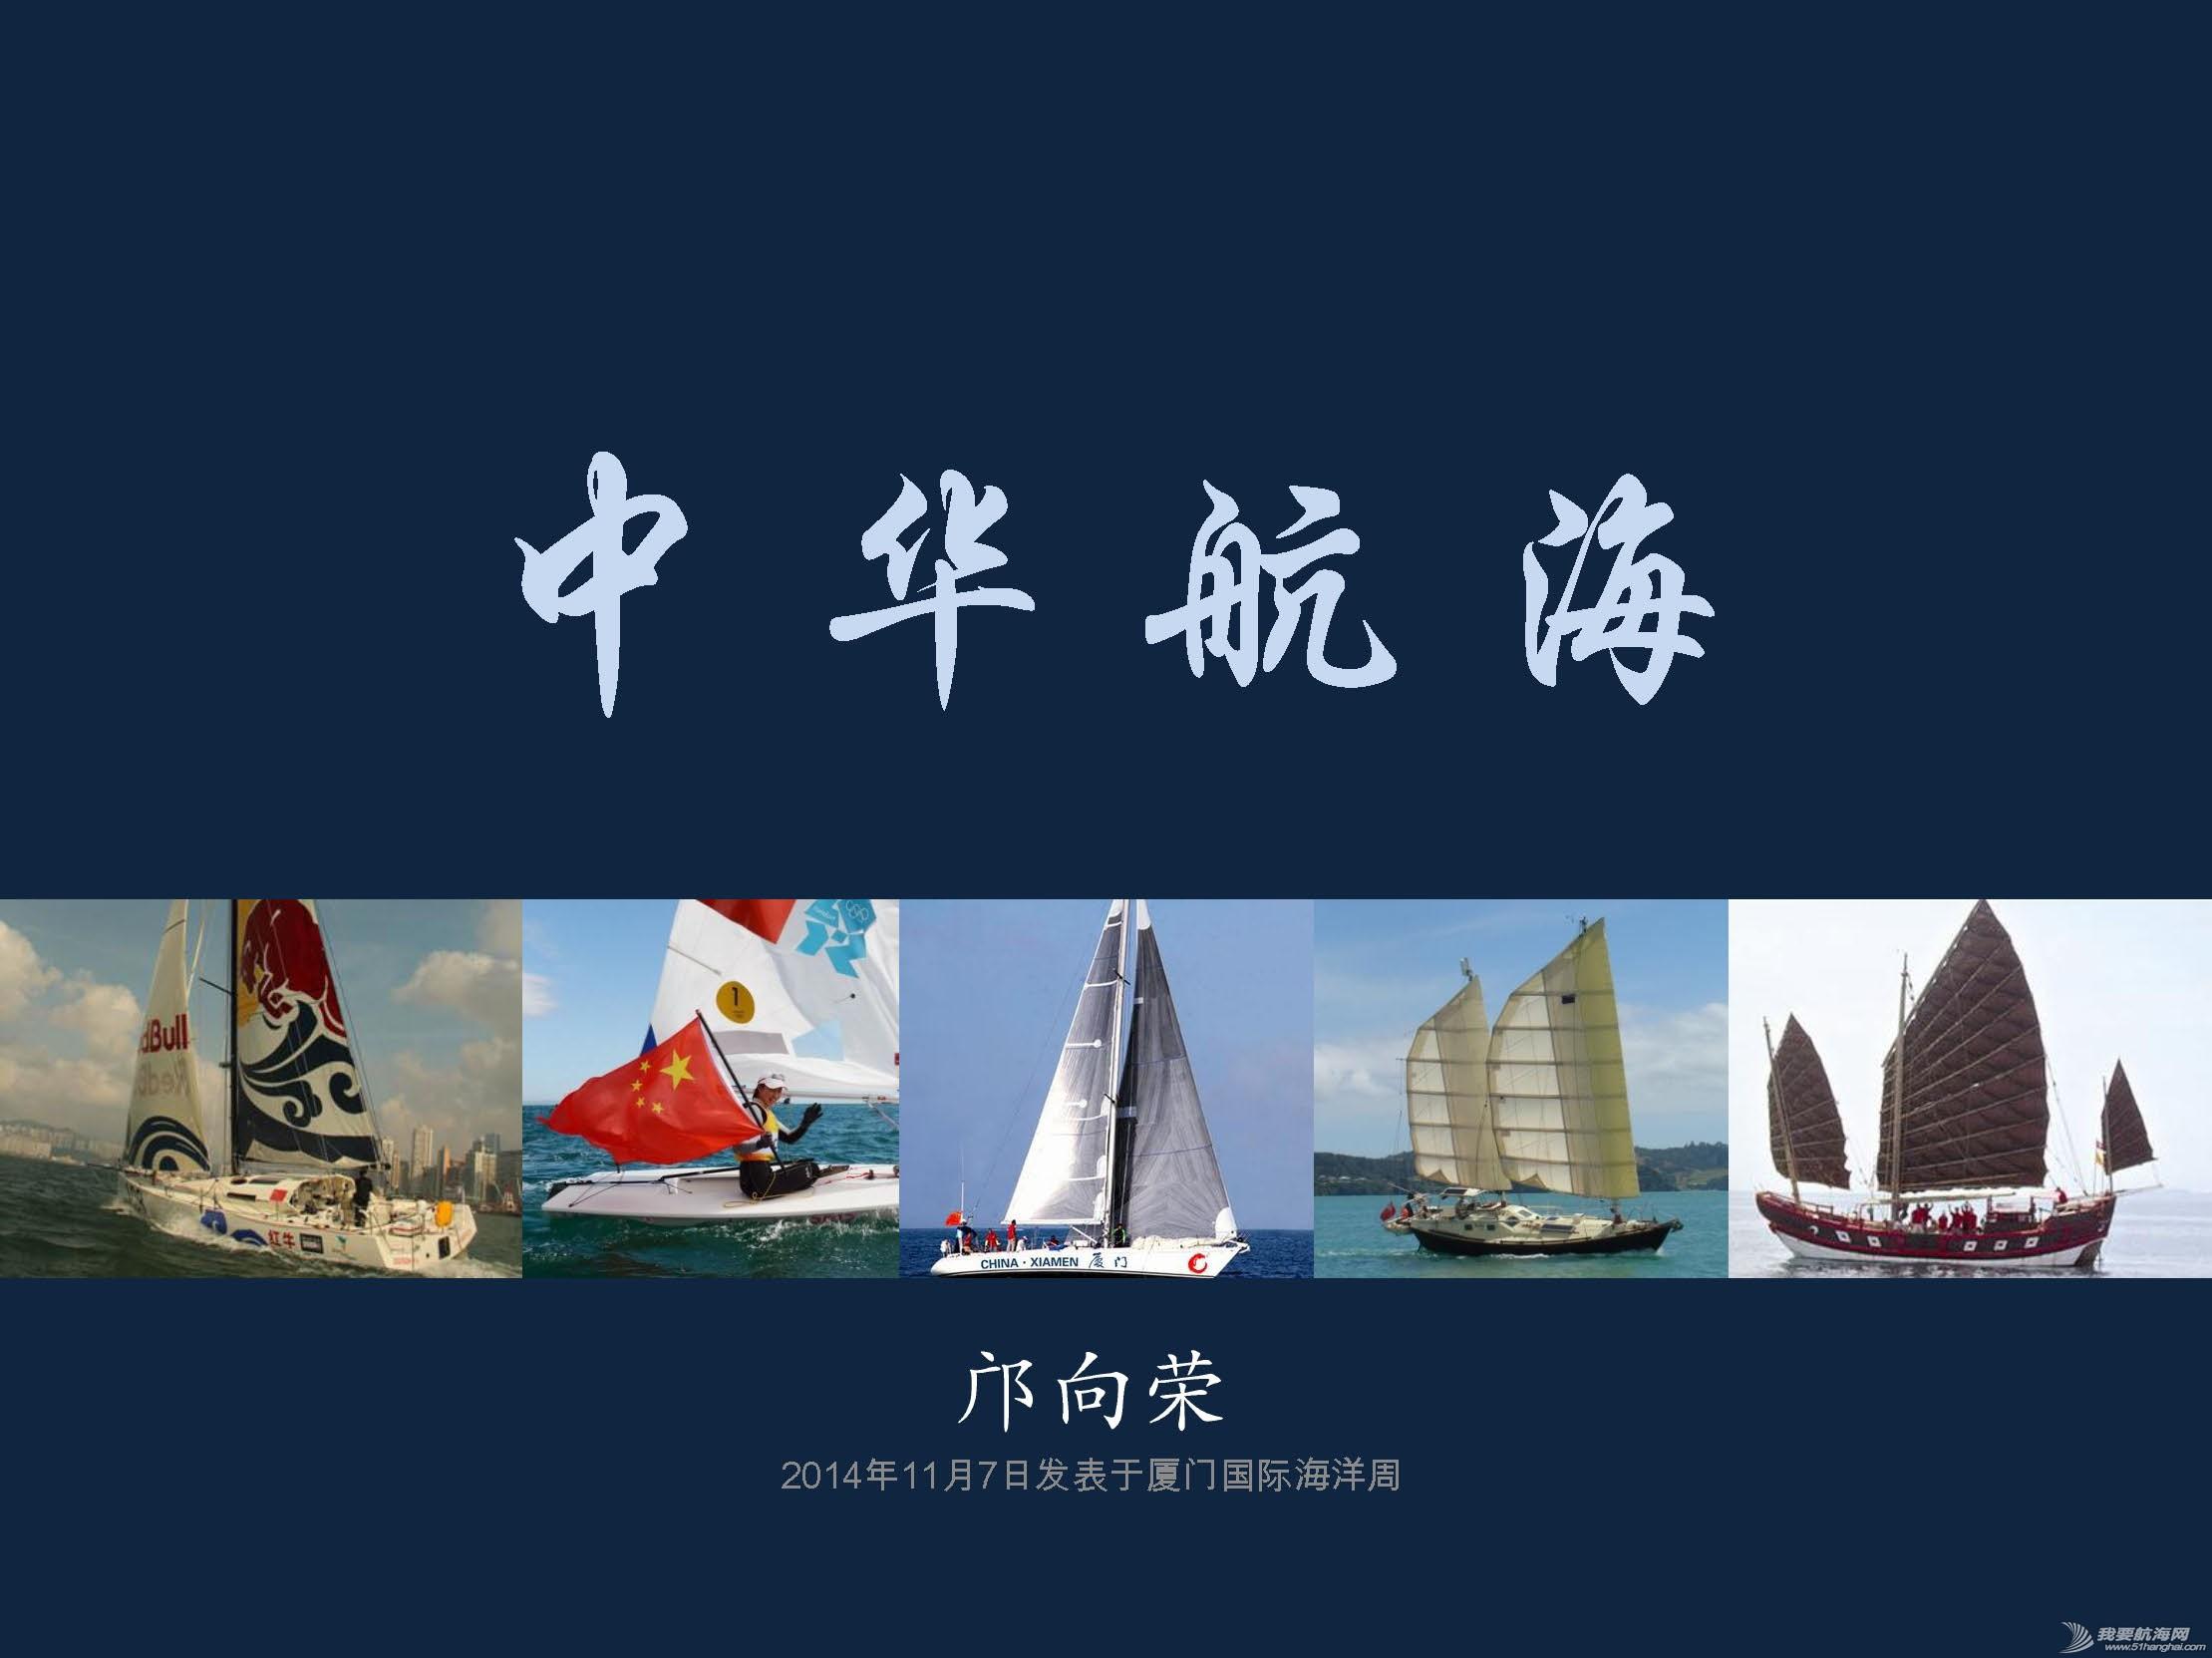 """抢救中式帆船文化(五)""""中华航海""""演讲建议保护中式帆船方法"""